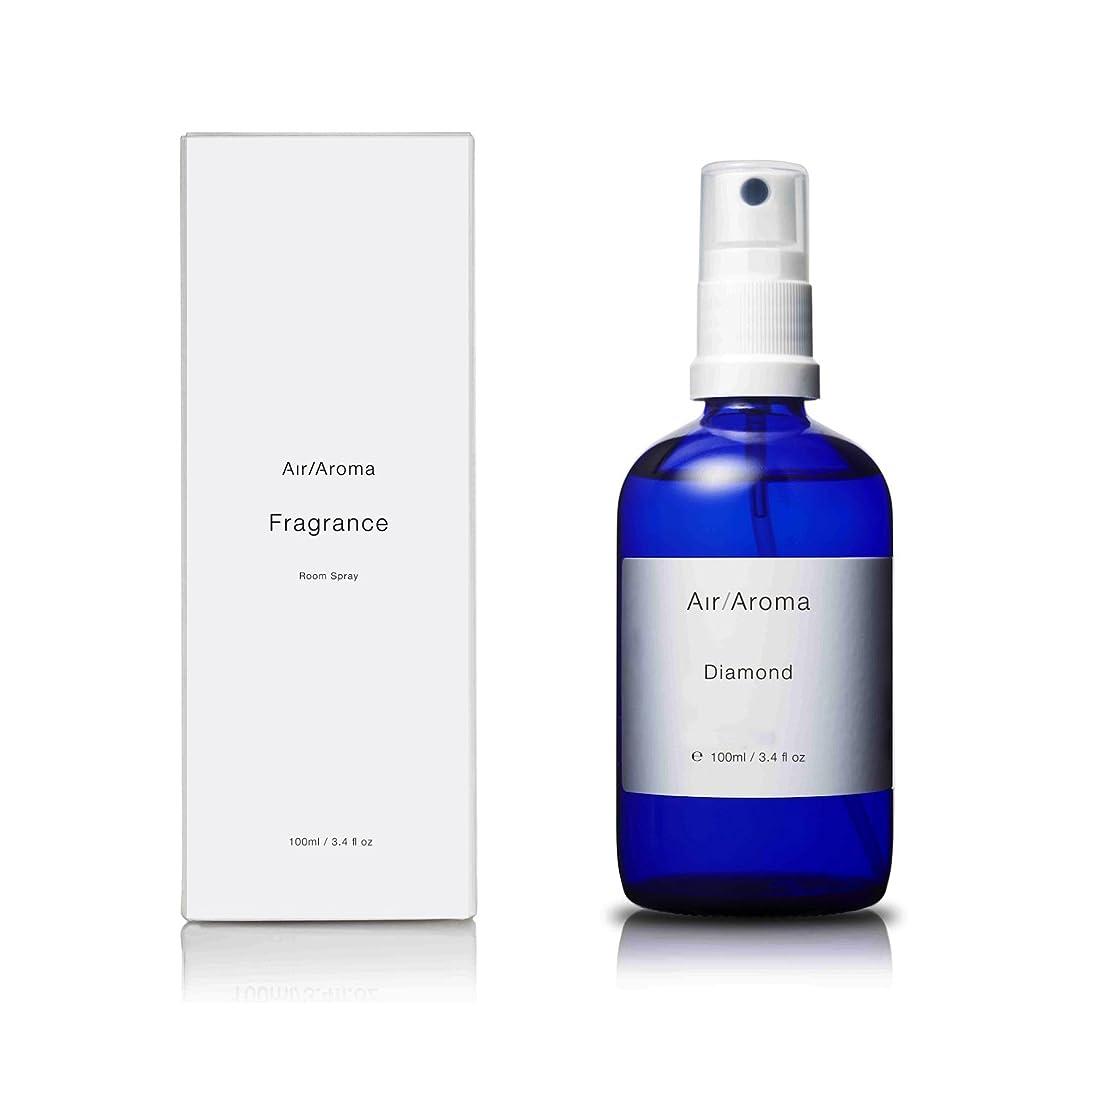 本会議インカ帝国段落エアアロマ diamond room fragrance (ダイアモンド ルームフレグランス) 100ml